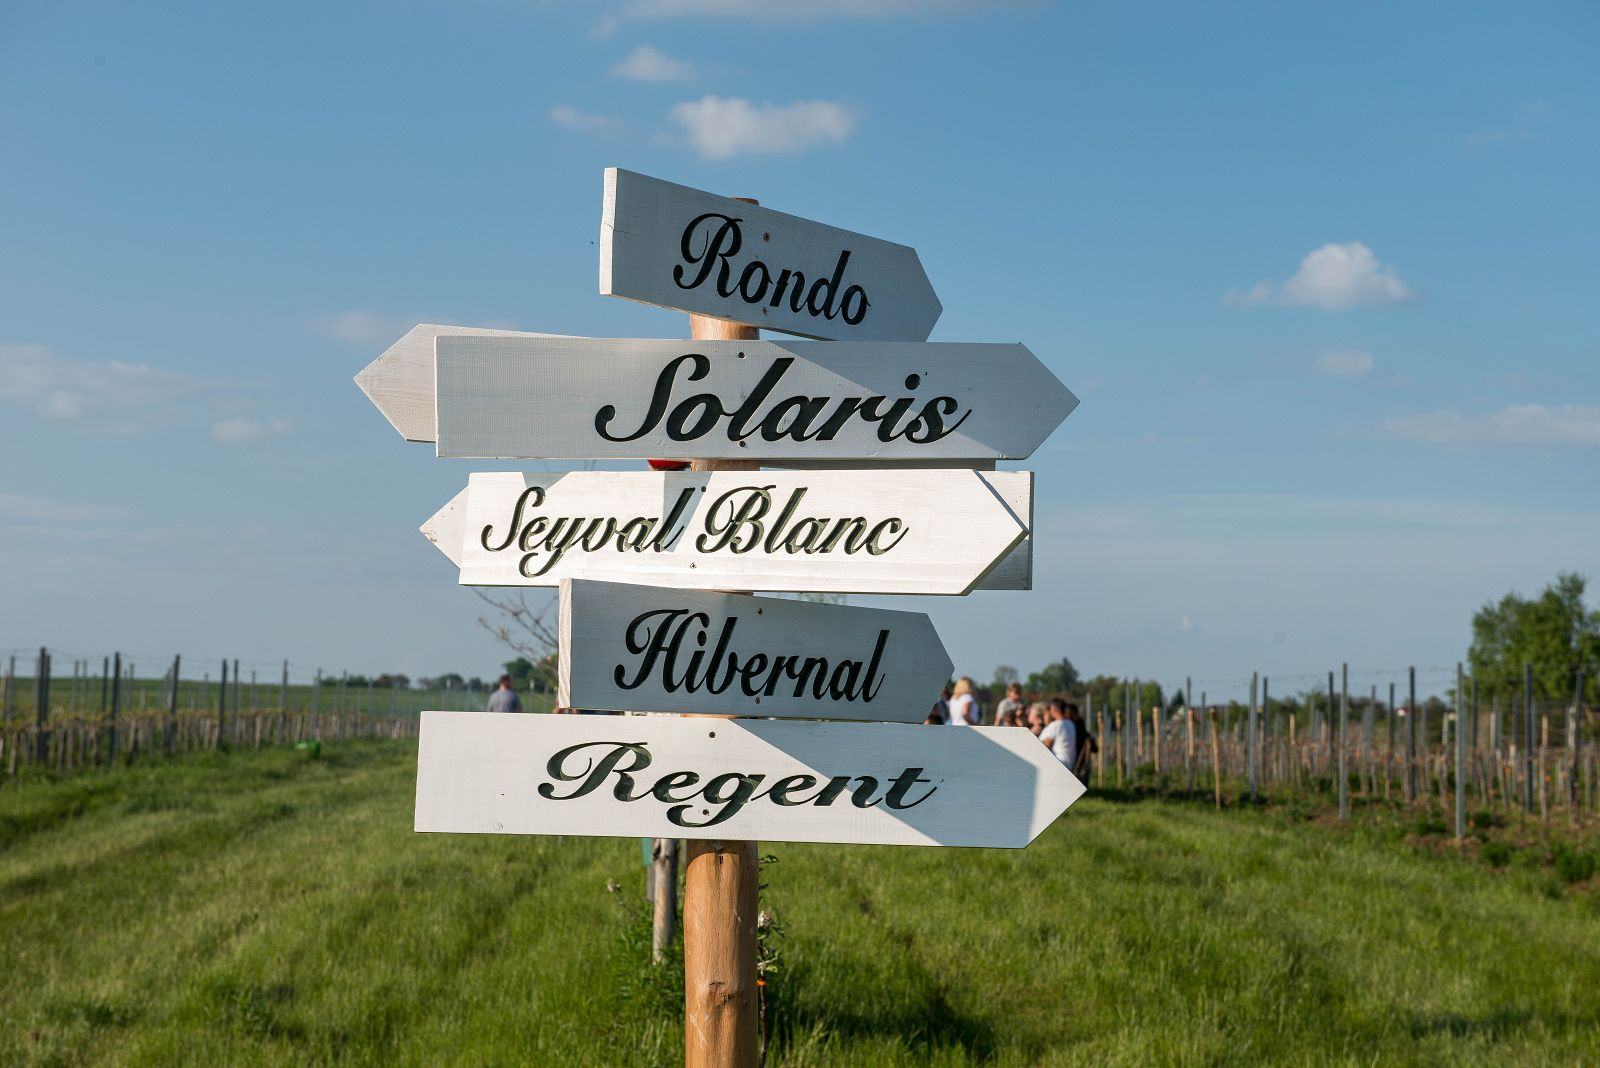 odmiany winogron, szlak turystyczny za winem w winnicy, Polska winnica